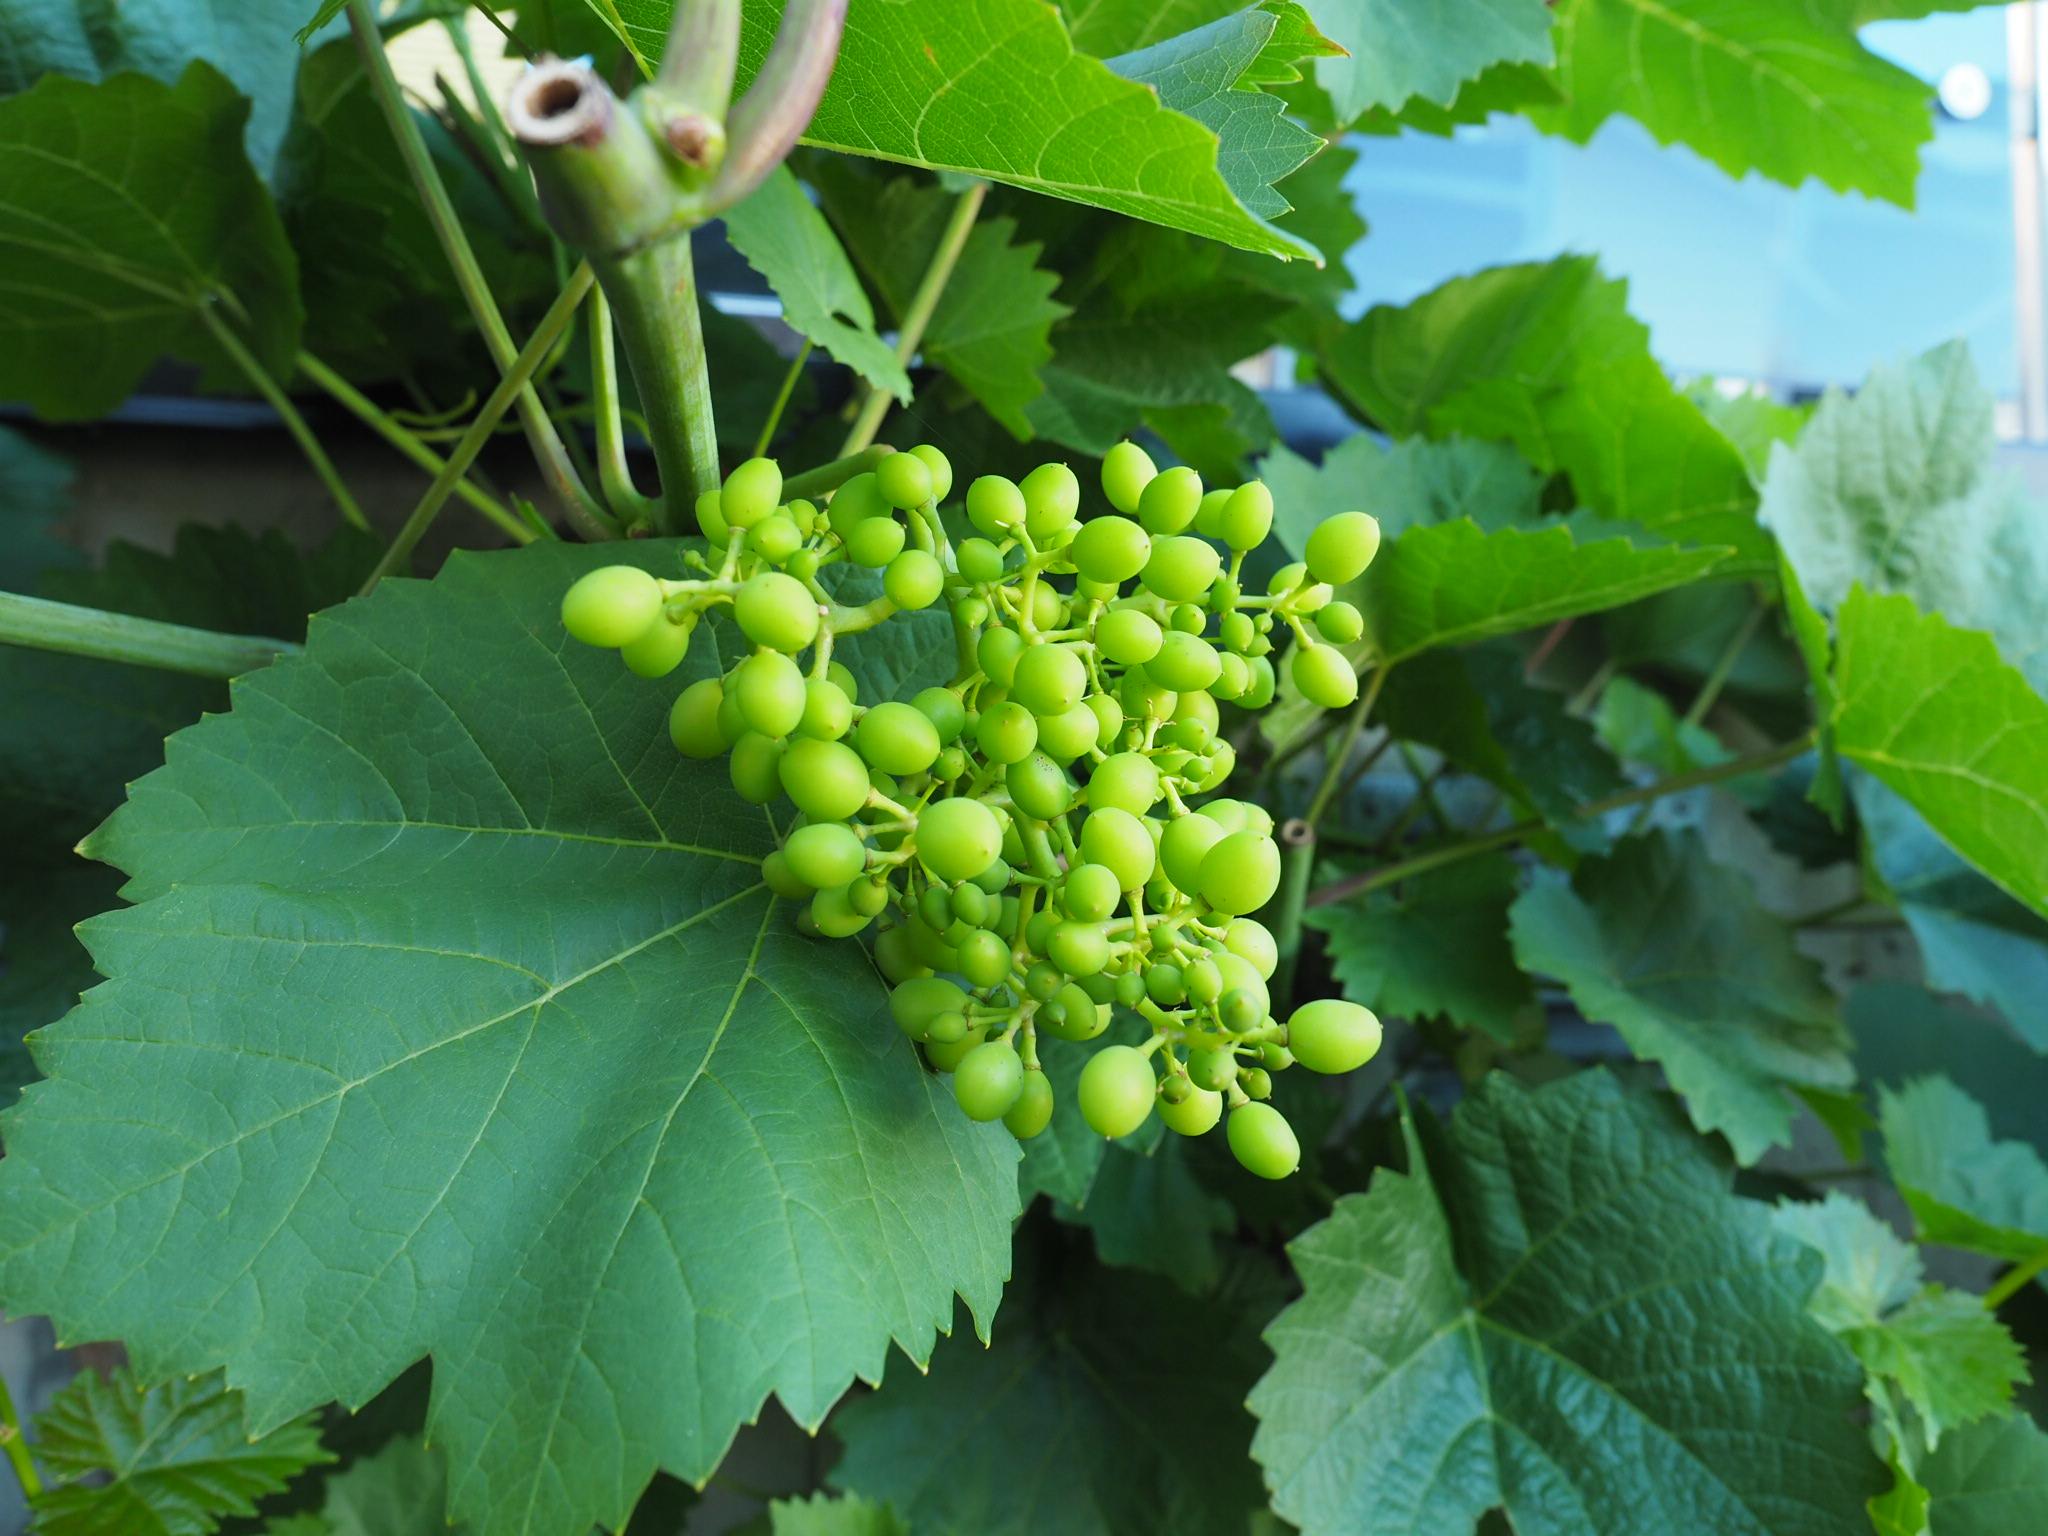 Sommerbeskjæring av drueranke for bedre og søtere druer